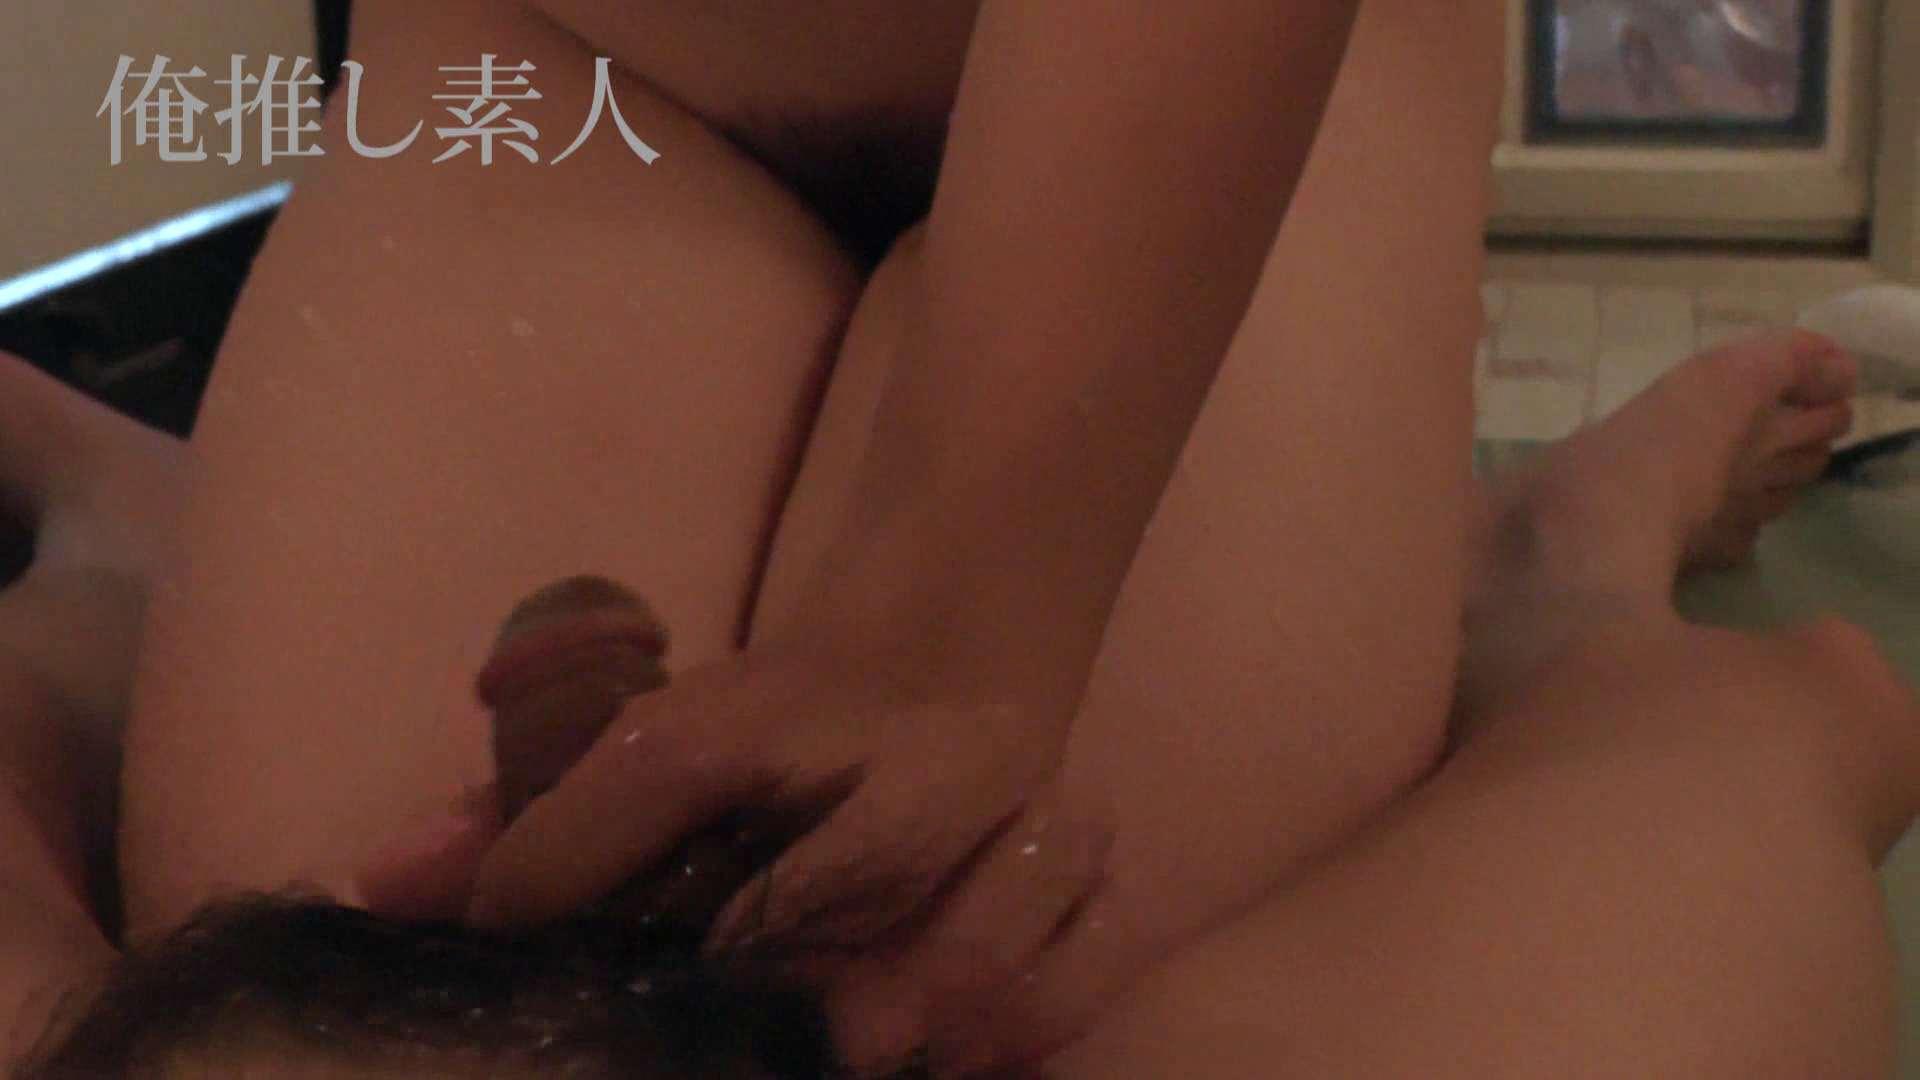 俺推し素人 30代人妻熟女キャバ嬢雫Vol.02 エッチなキャバ嬢   熟女の女体  71pic 31